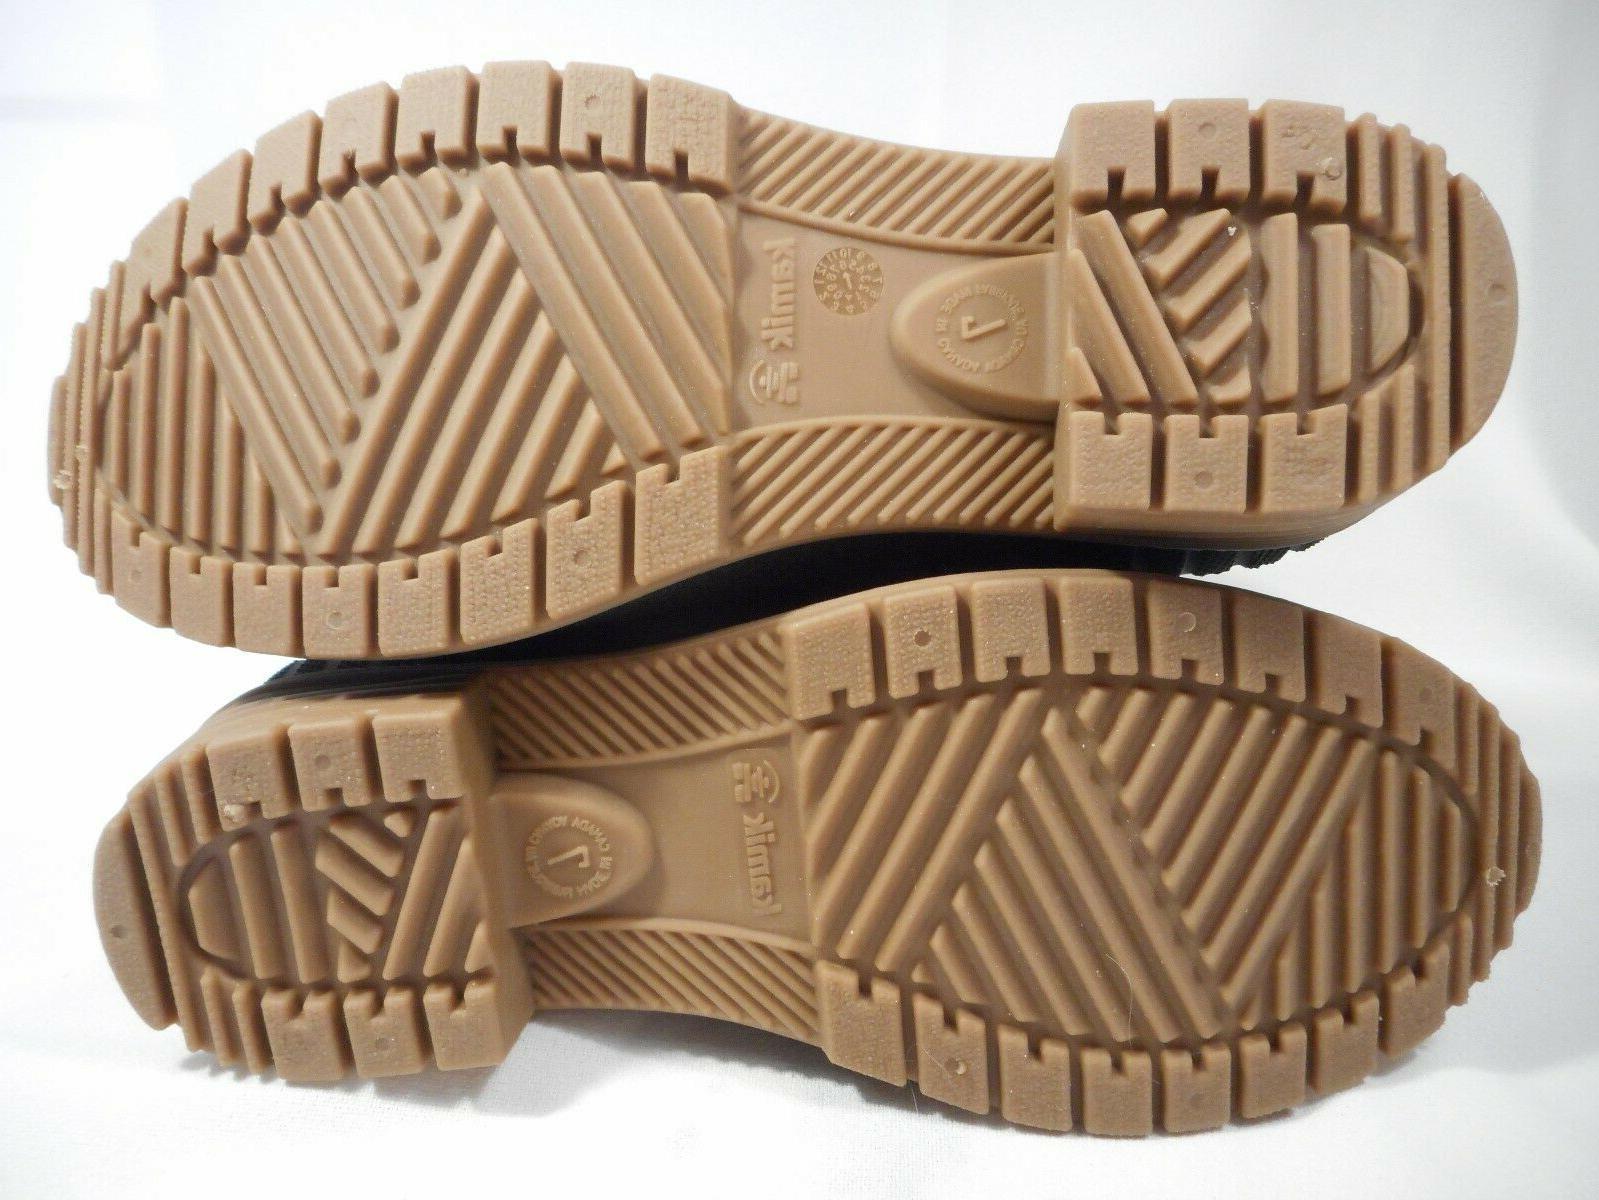 Kamik Insulated Boots Waterproof Lightweight 7 Rt. $110